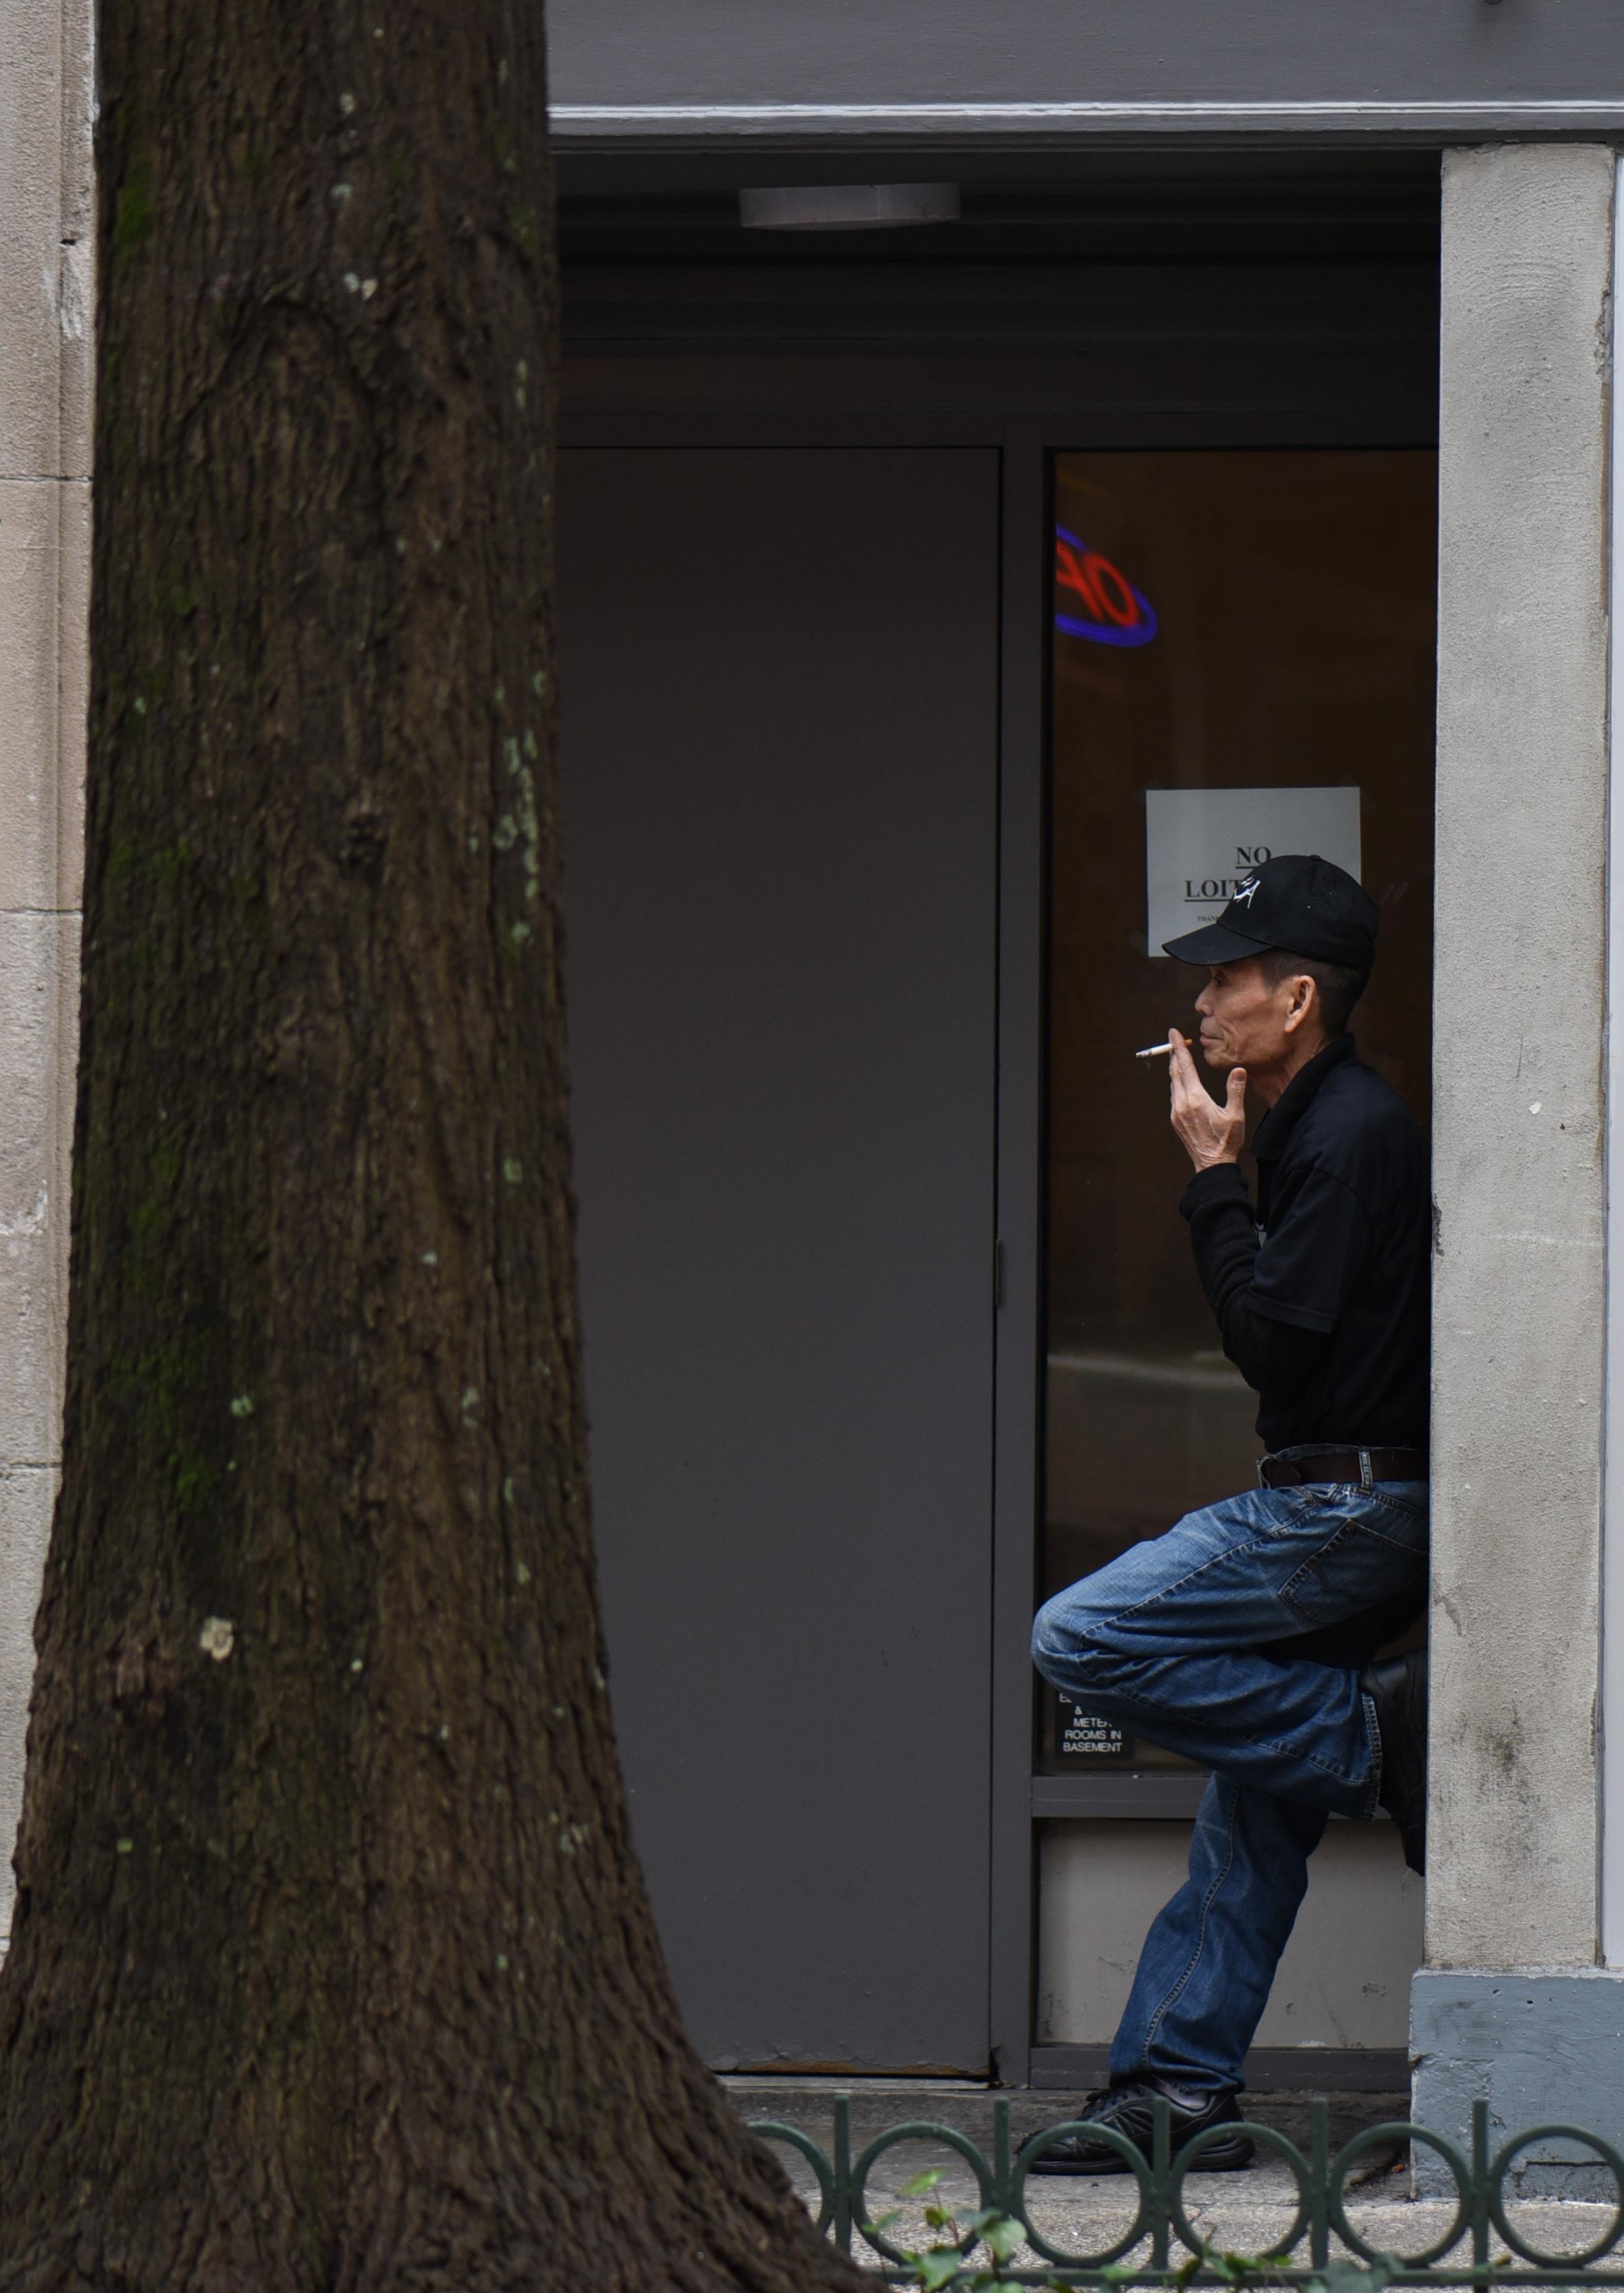 smoking-photo.jpg